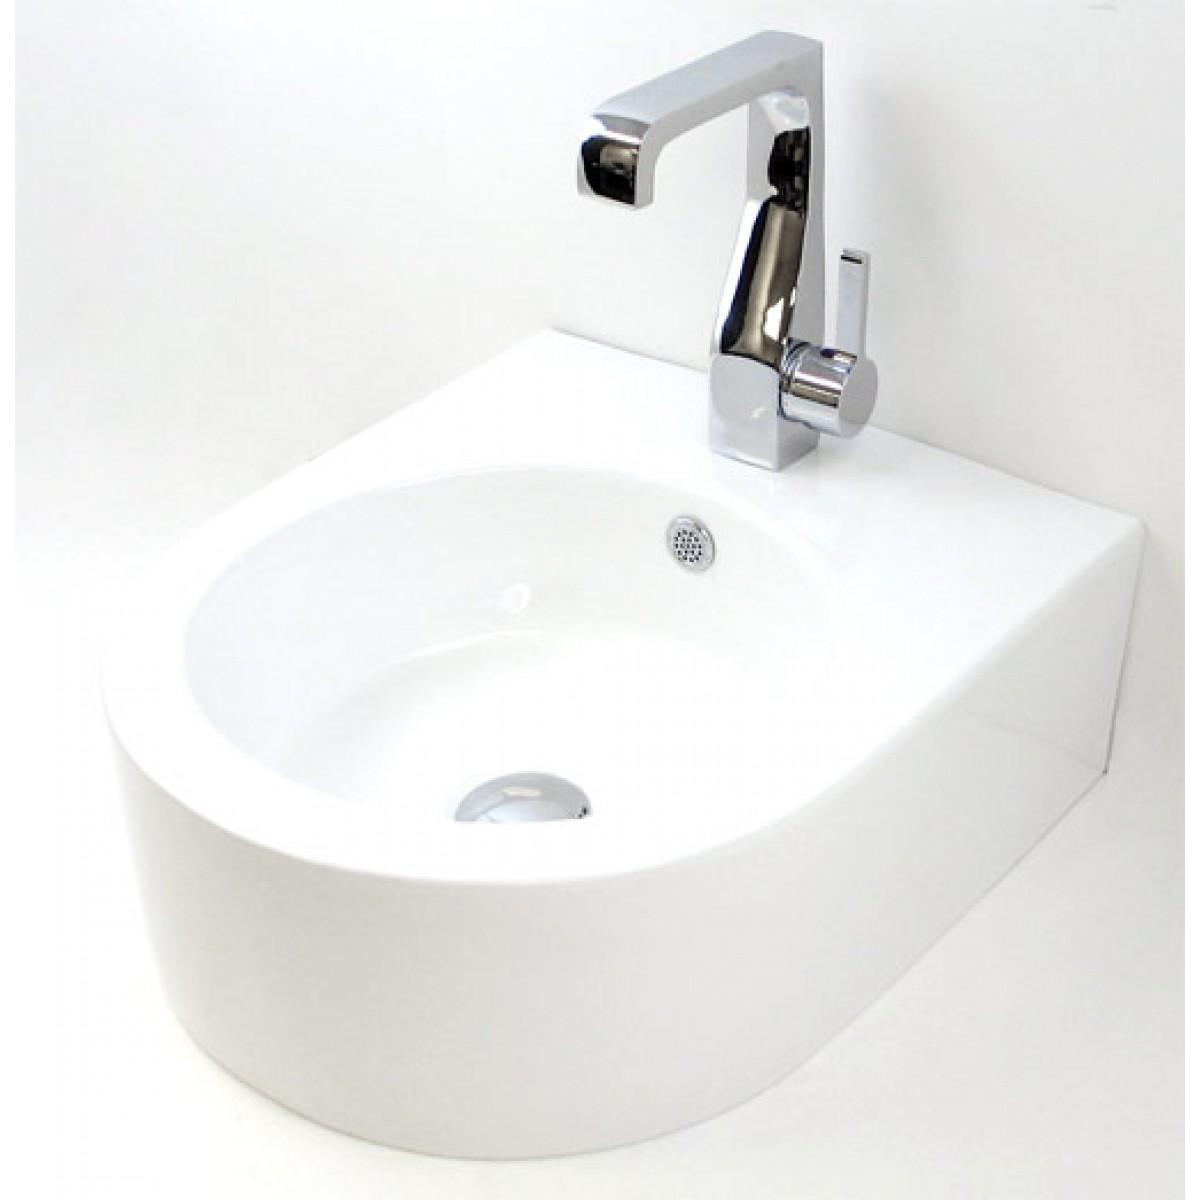 18 Inch Bathroom Sink : Porcelain Ceramic Single Hole Bathroom Sink - 22 x 18 x 6-1/2 Inch